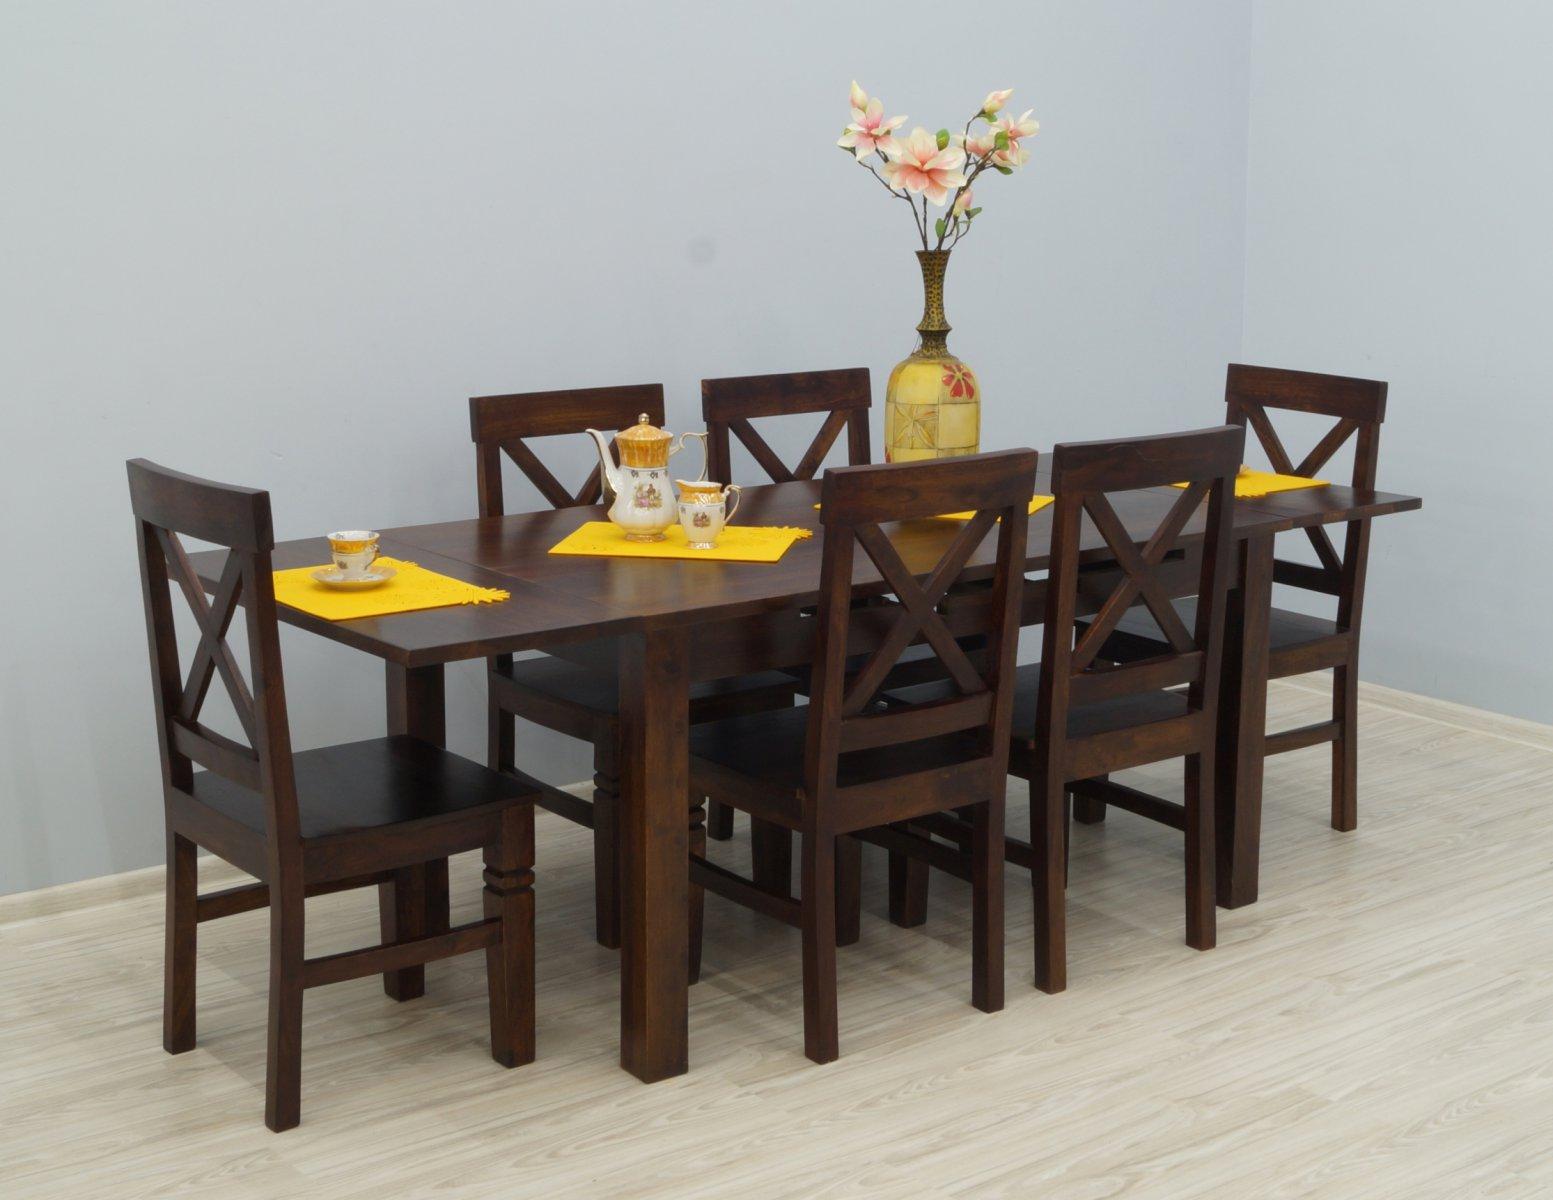 Komplet obiadowy kolonialny stół rozkładany + 6 krzeseł lite drewno palisander indyjski ażurowe oparcia